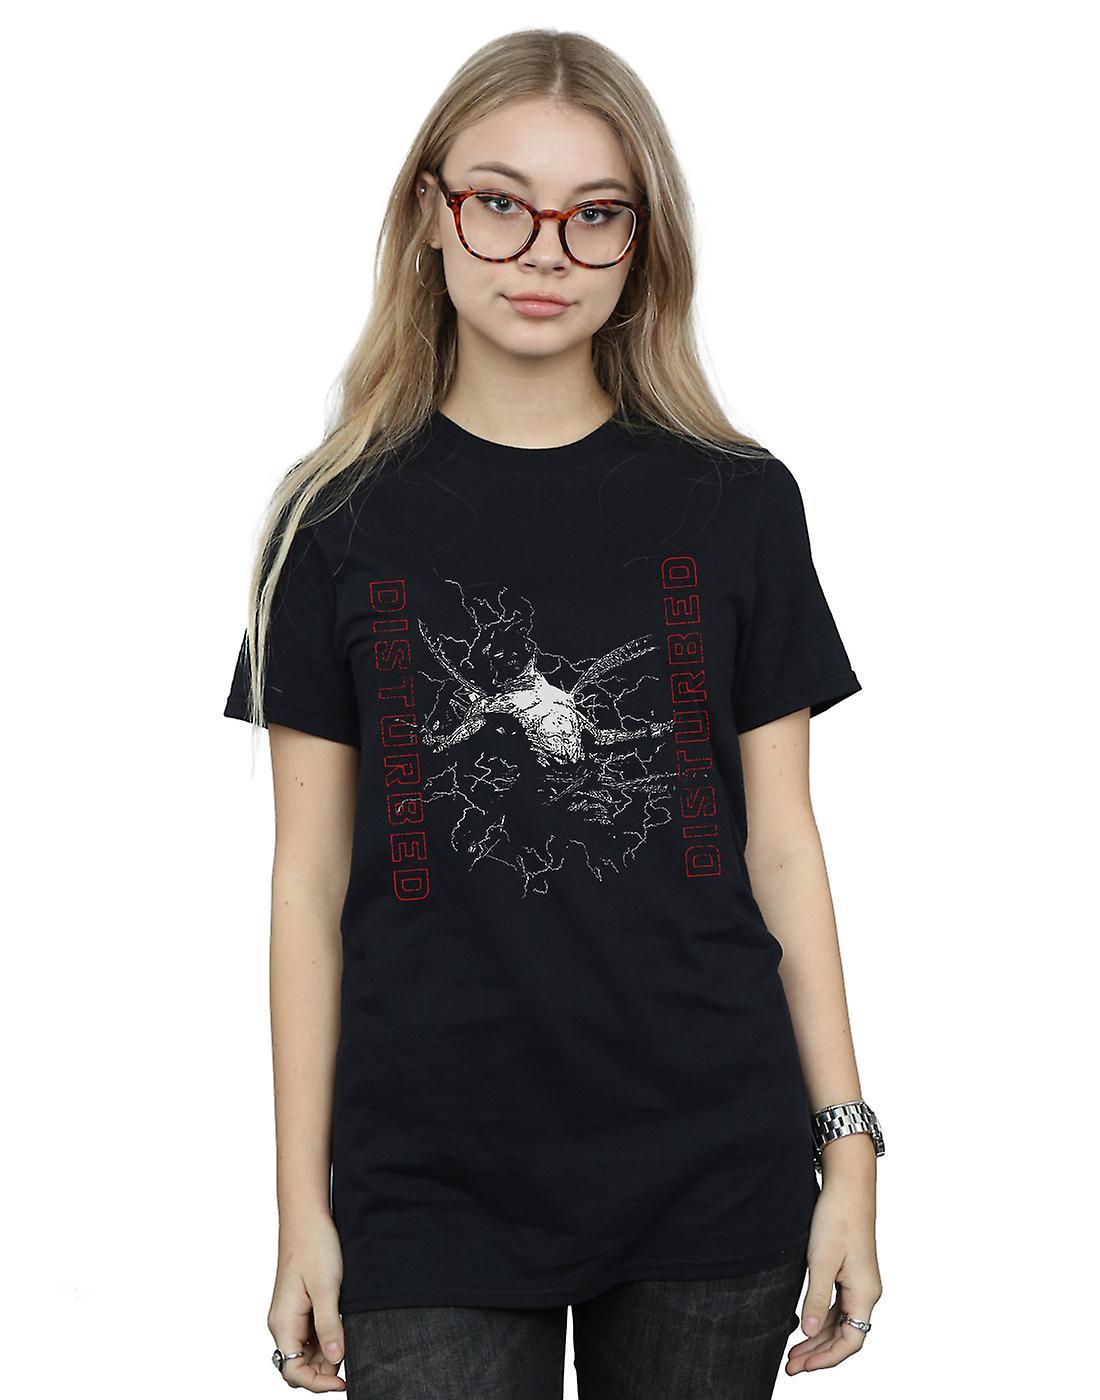 Disturbed Women's Evolution Sketch Boyfriend Fit T-Shirt